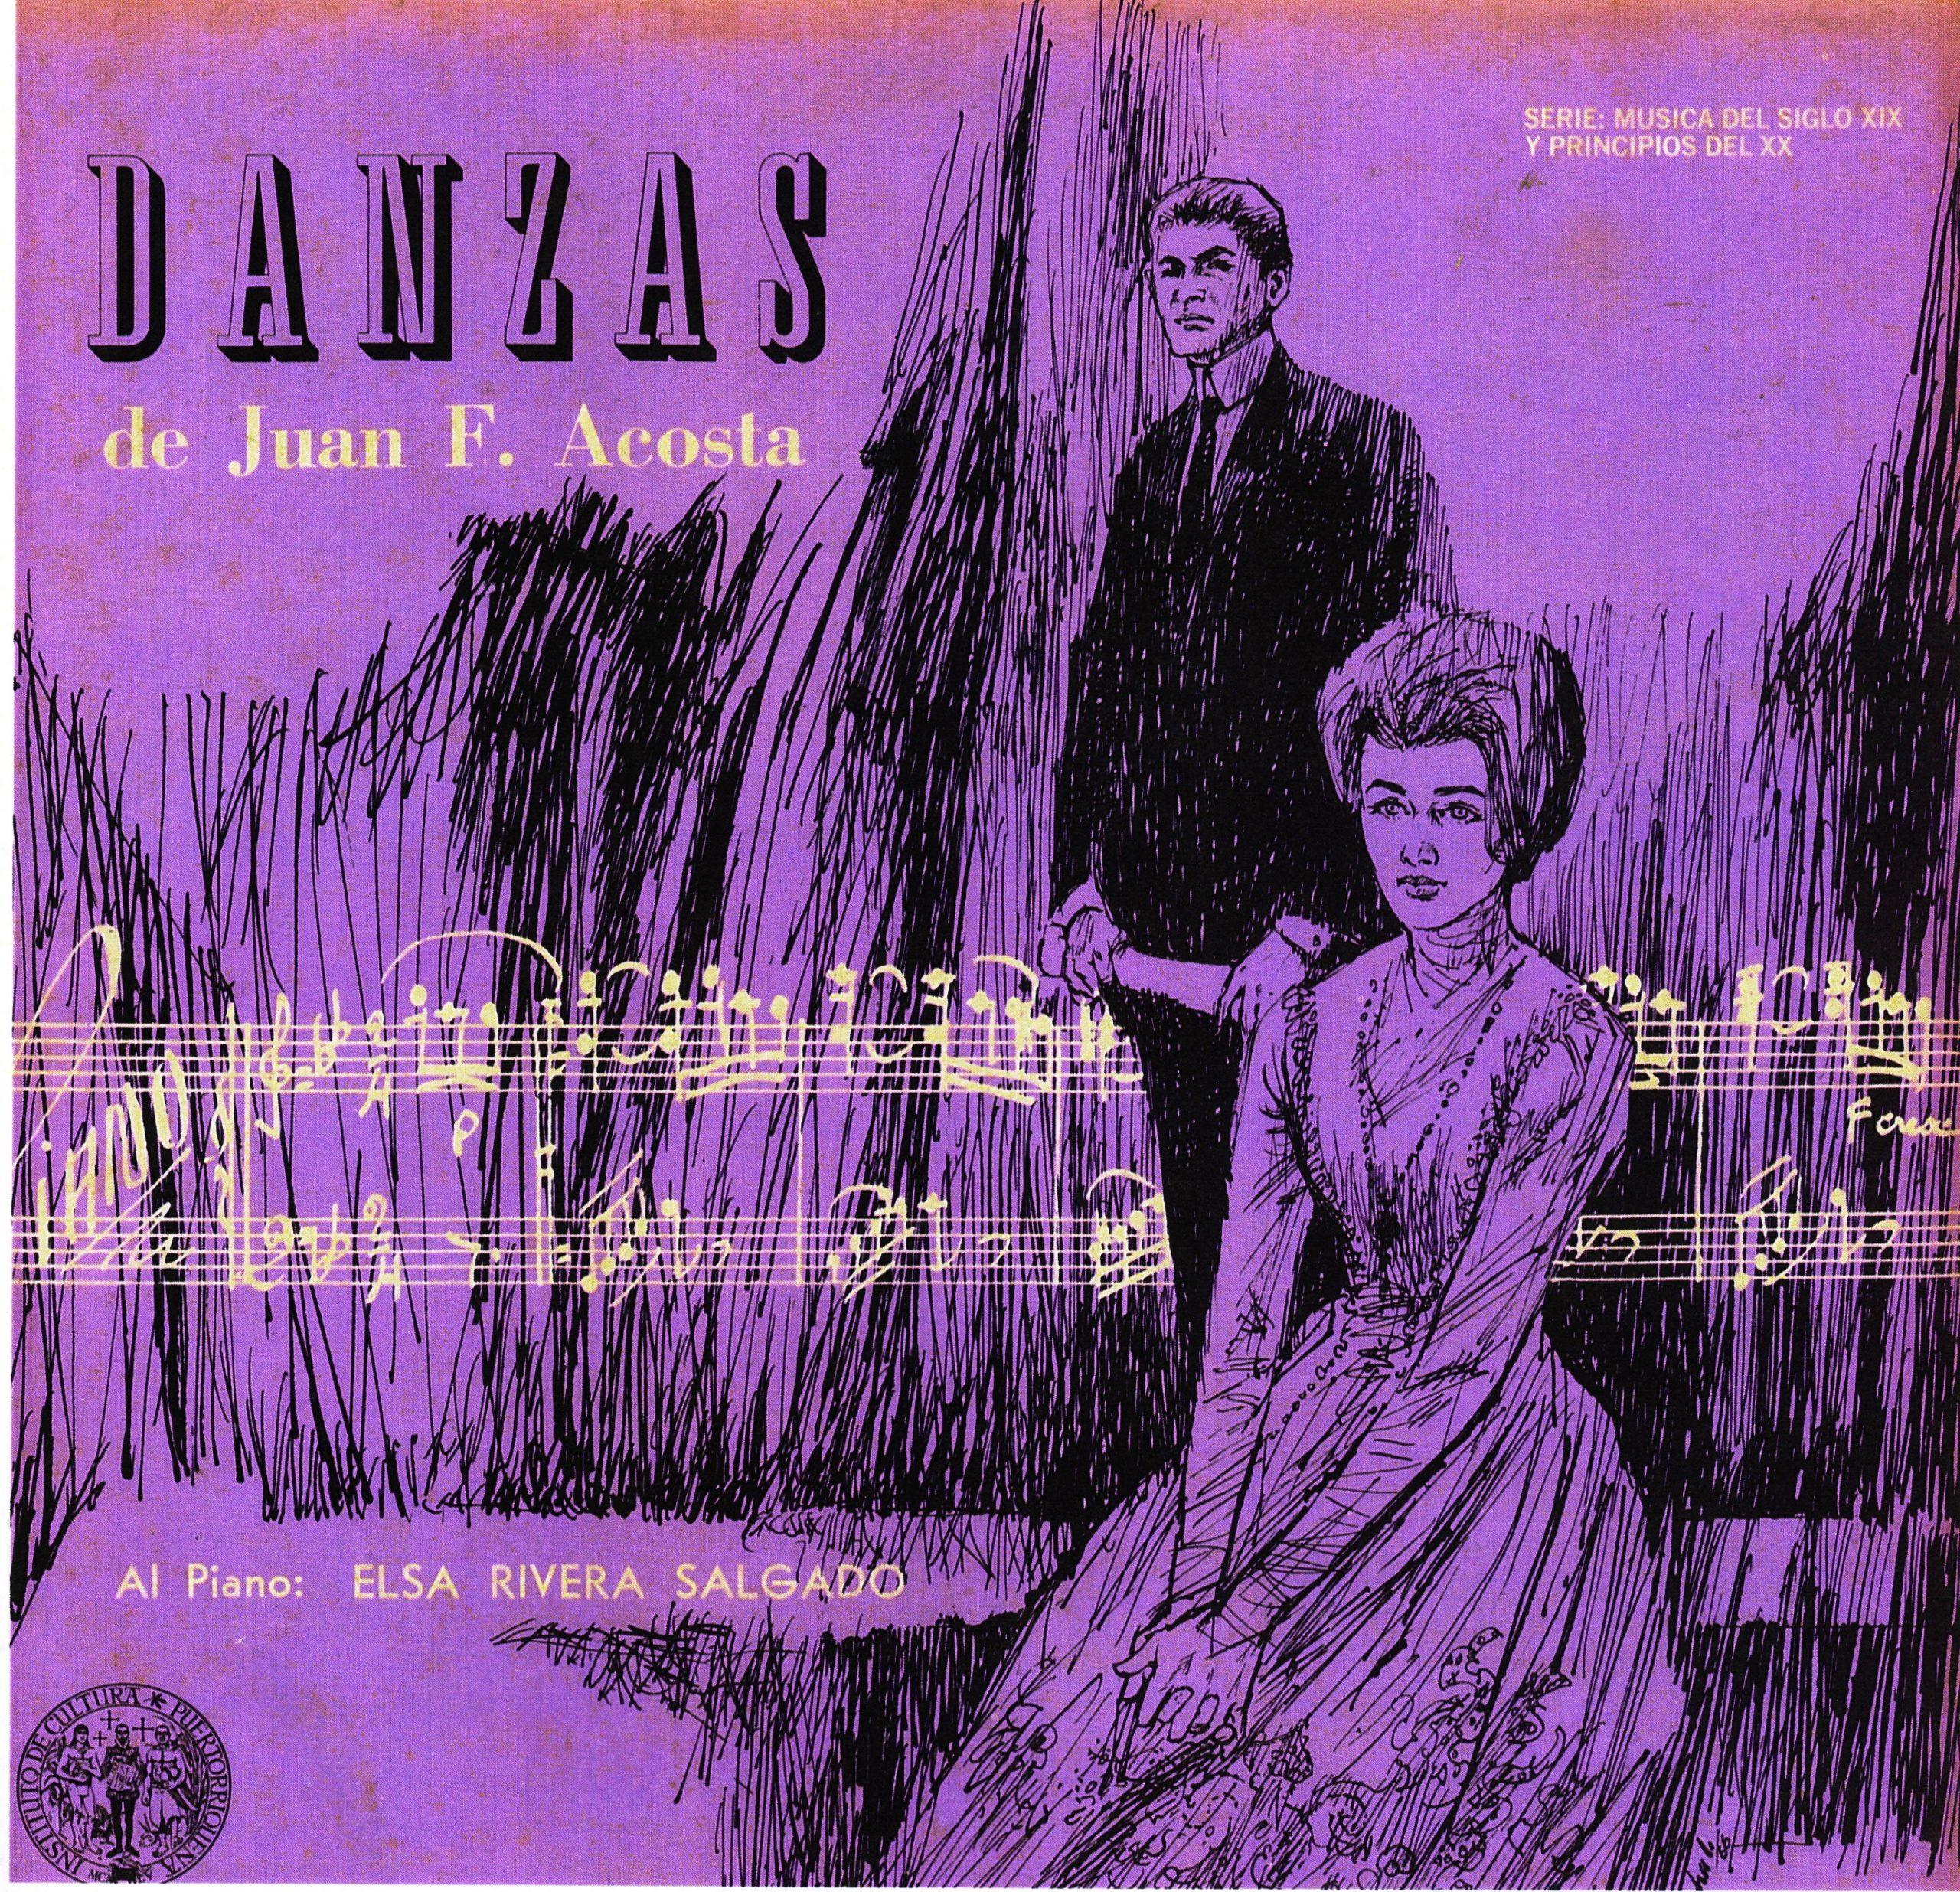 Las danzas de Juan F. Acosta, interpretadas al piano por Elsa Rivera Salgado, forman parte del escogido digitalizado.